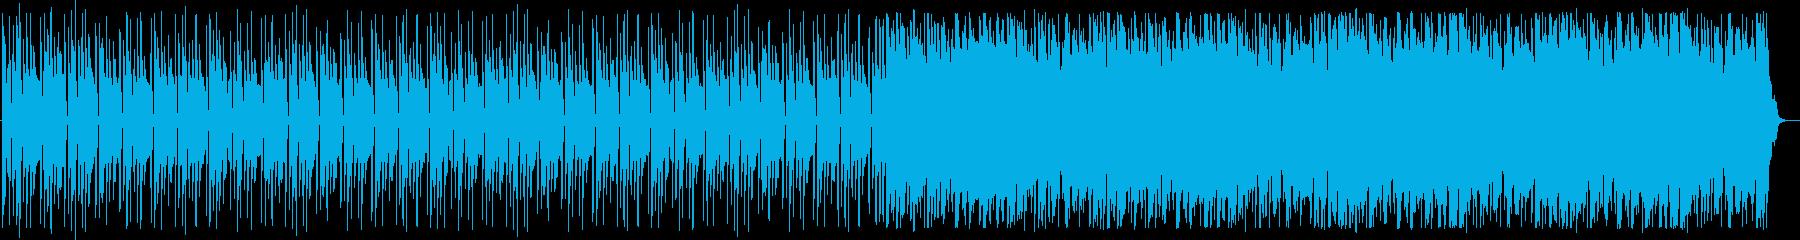 軽快な4つ打ちハウス_No583_3の再生済みの波形